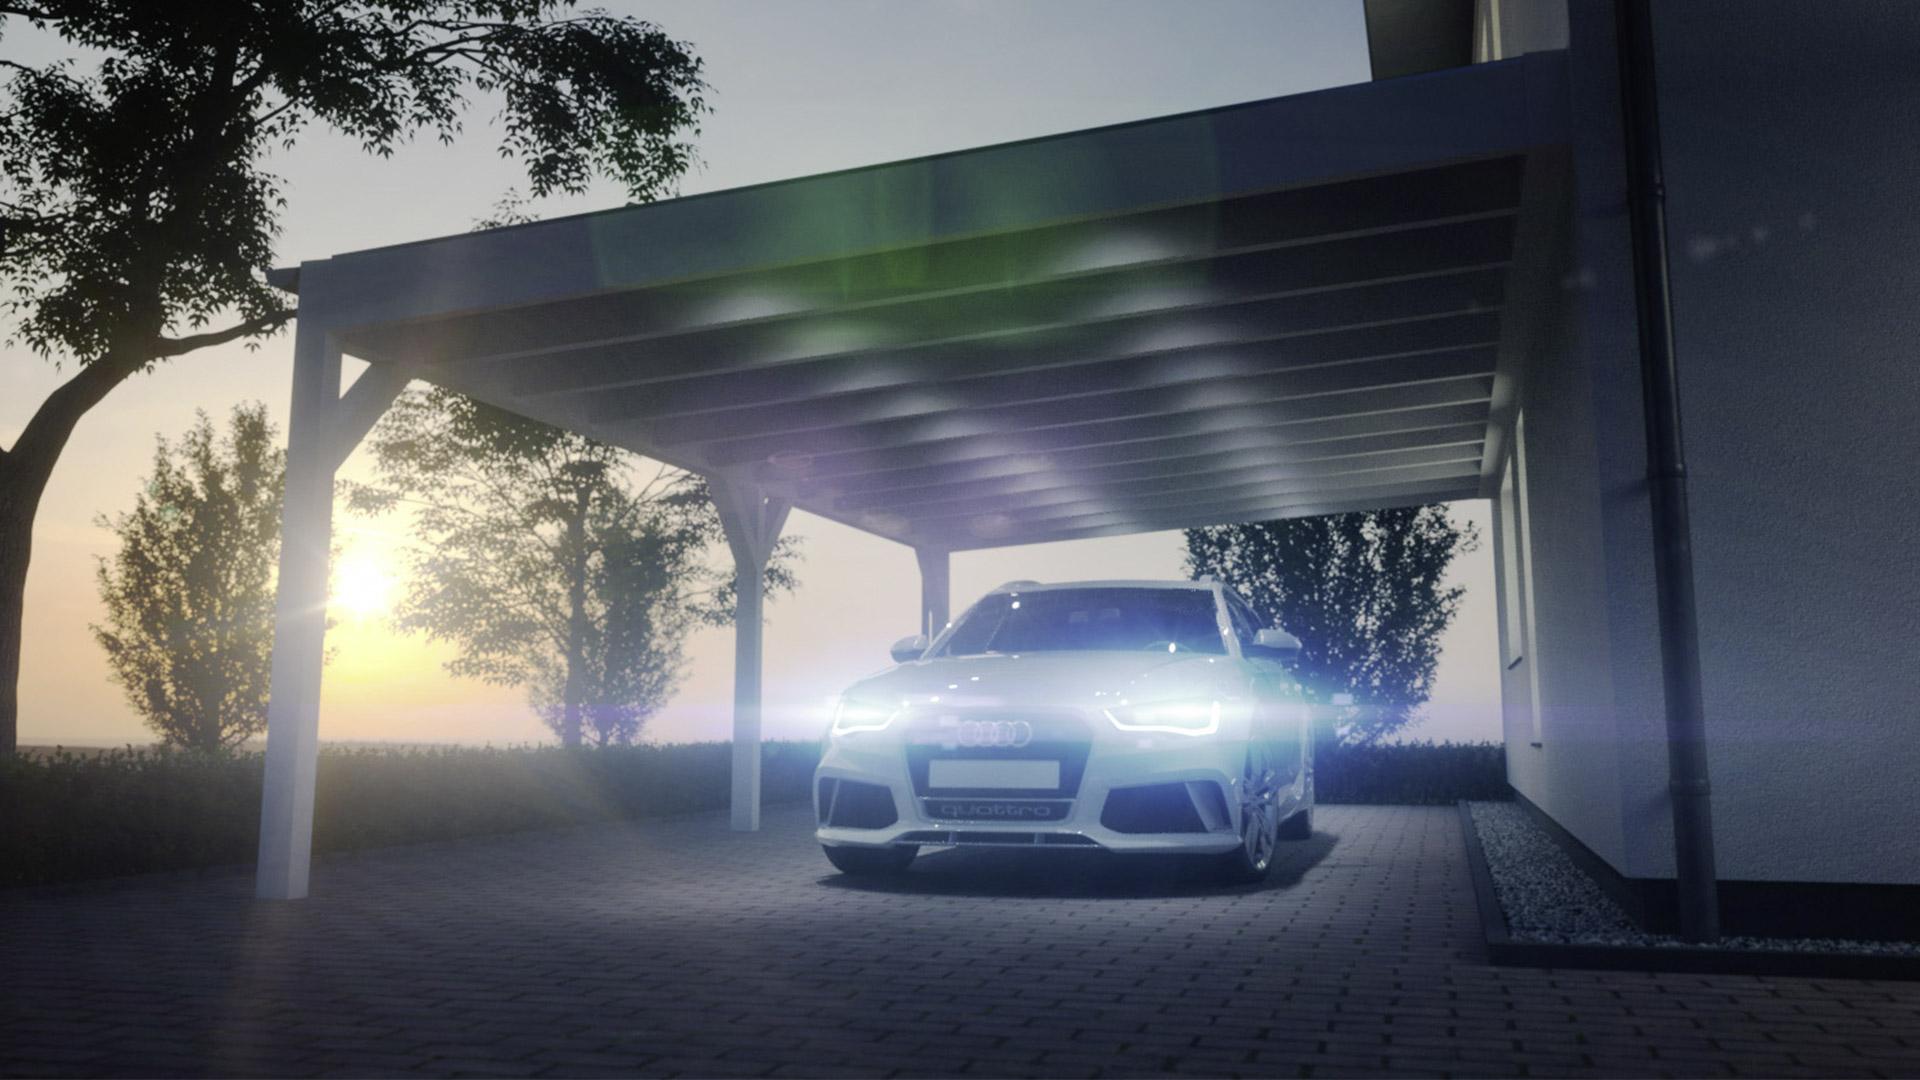 Bild eines Audi unter einem Carport bei Sonnenuntergang